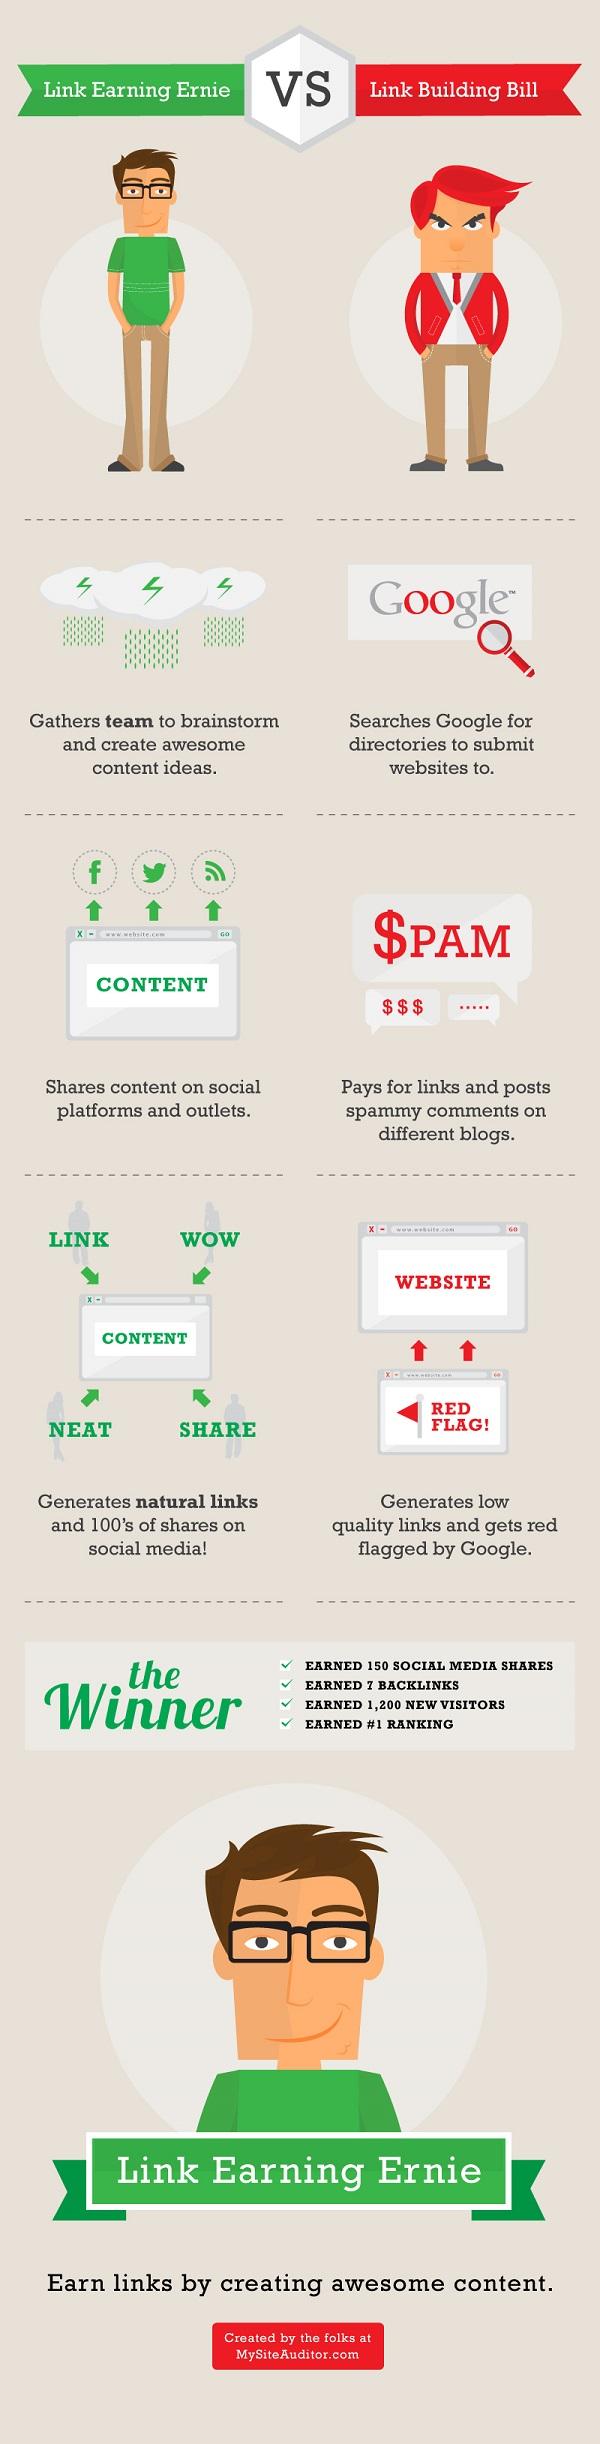 link-earning-link-building